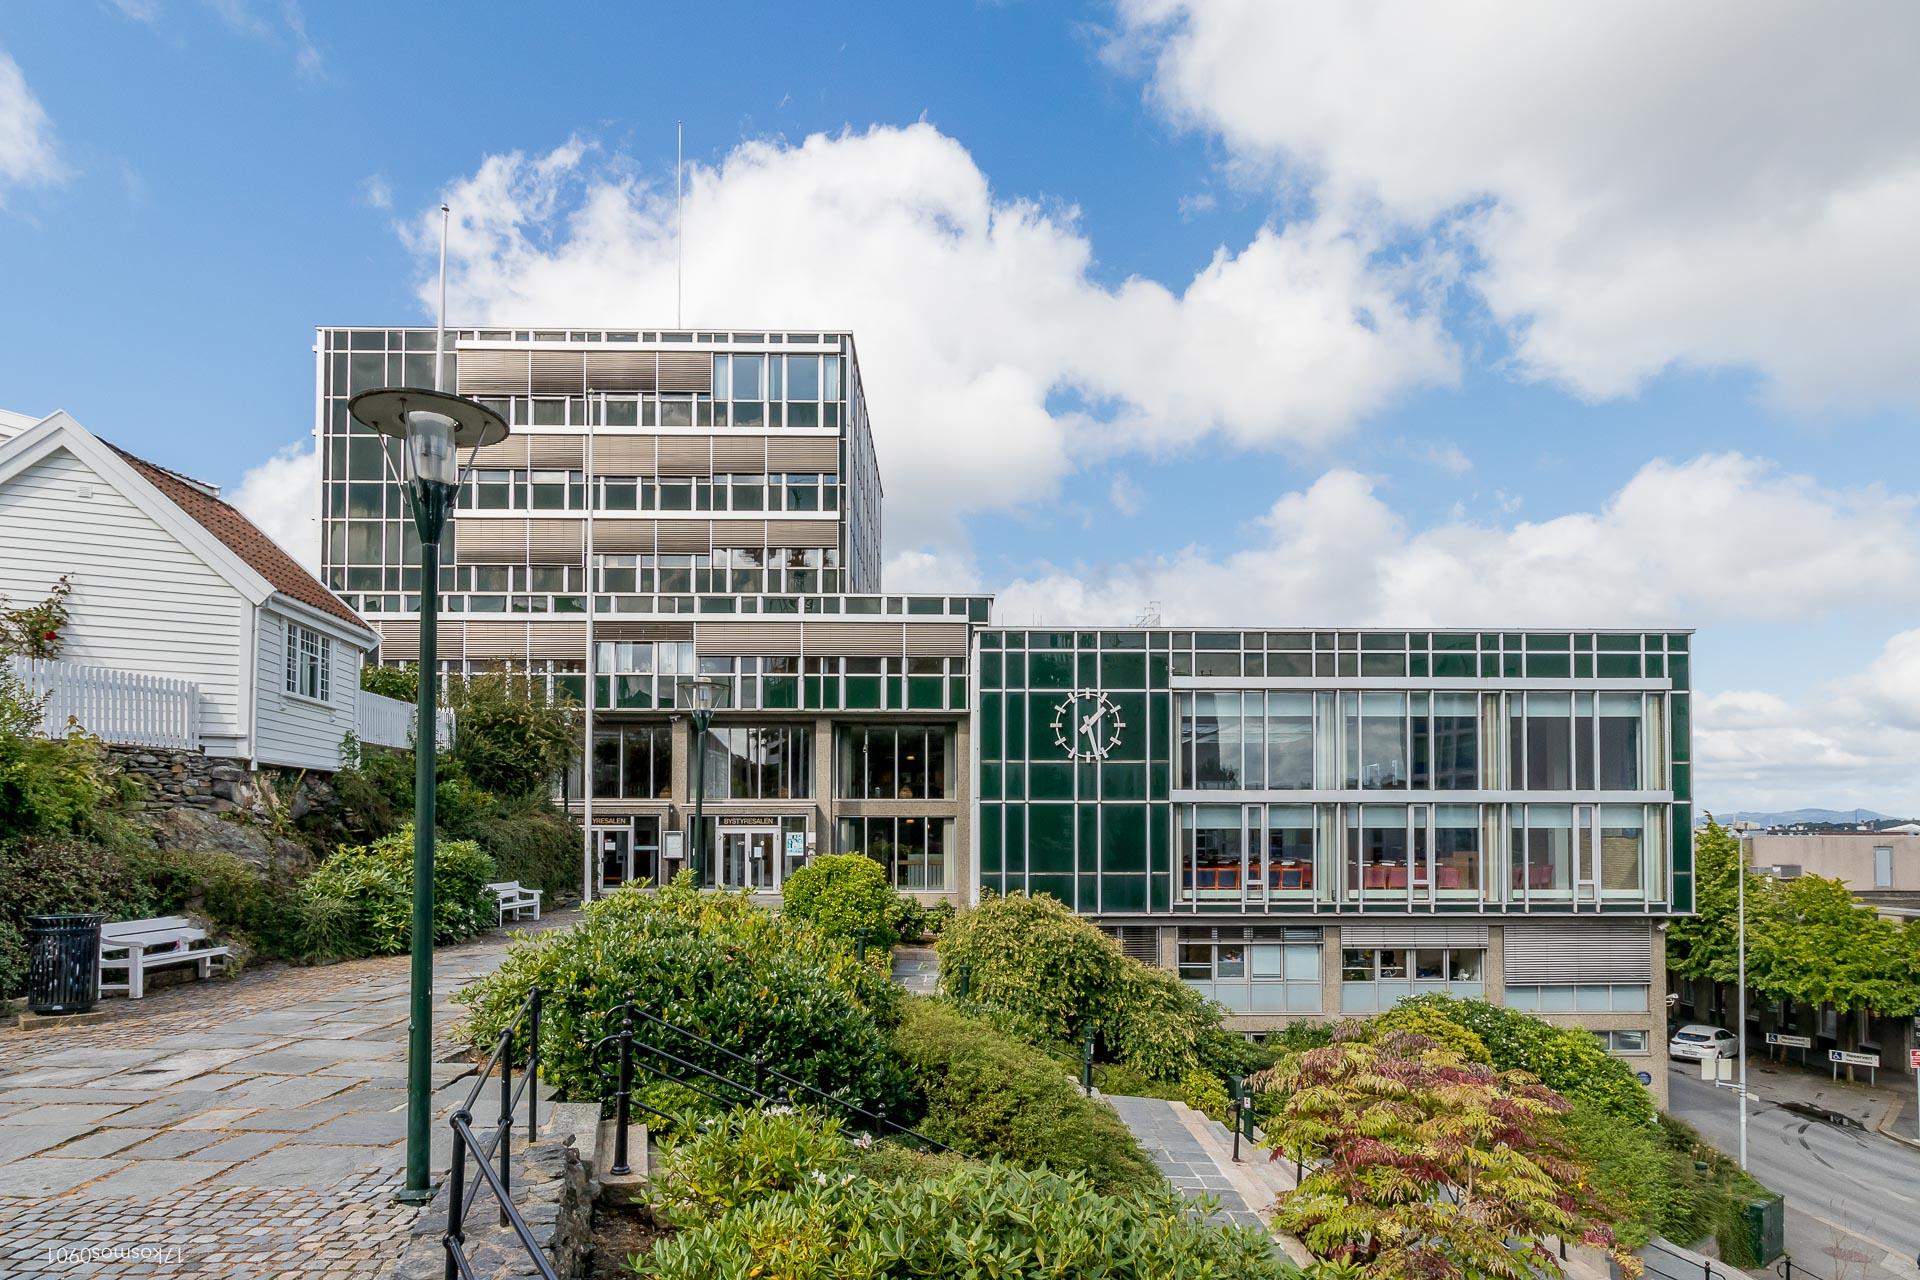 Stavanger kommune (Stavanger rådhus), betalt